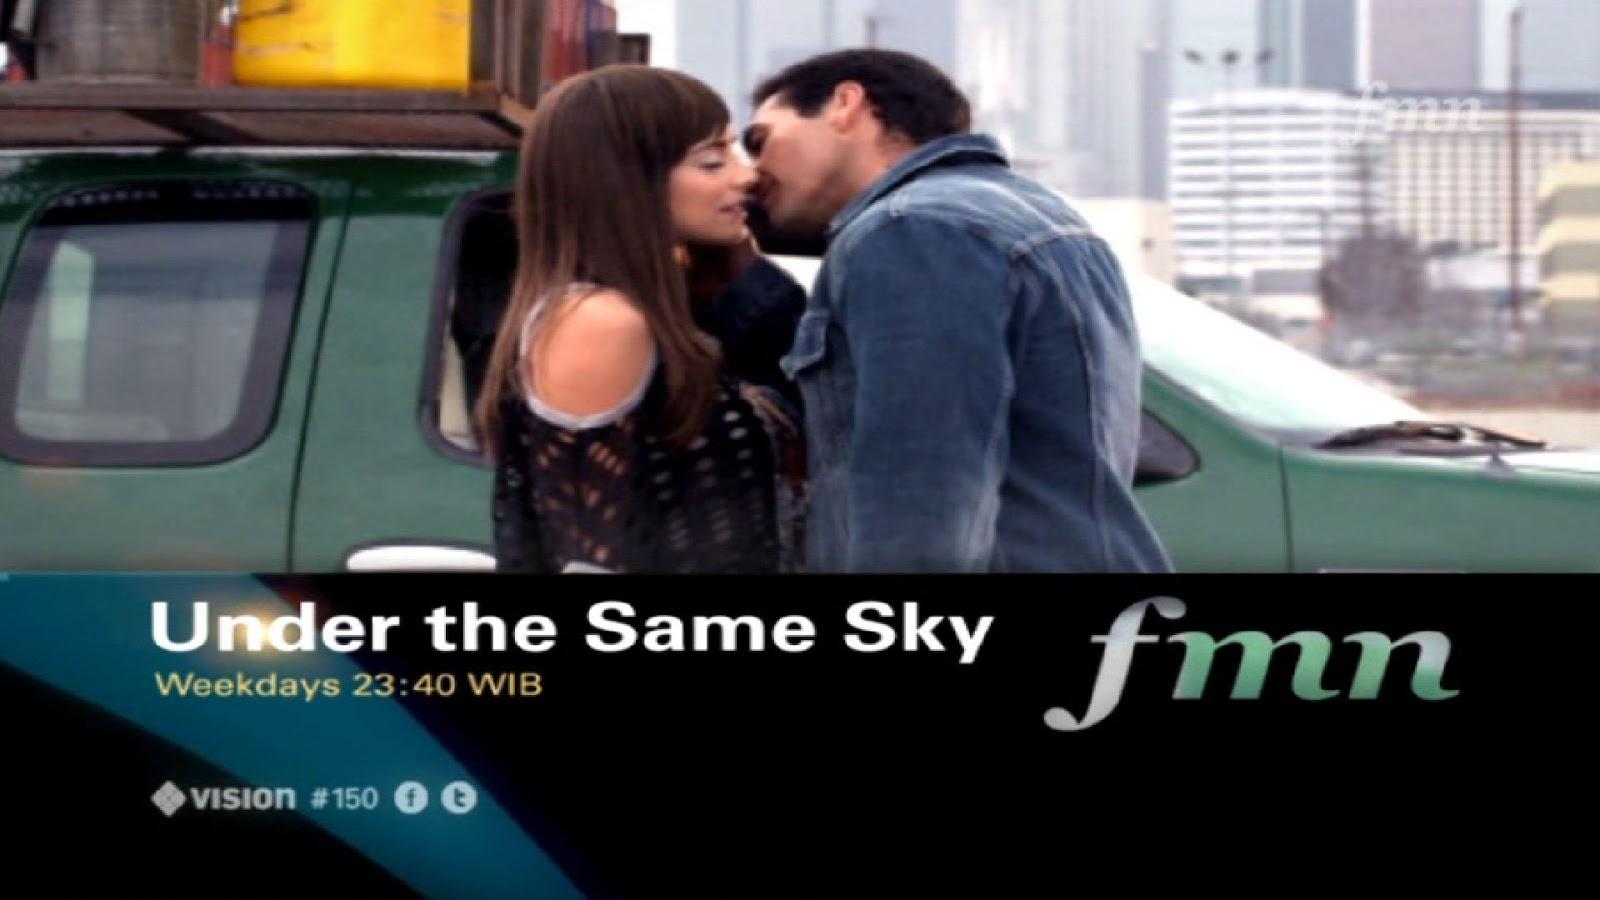 Frekuensi siaran FMN TV di satelit Measat 3a Terbaru